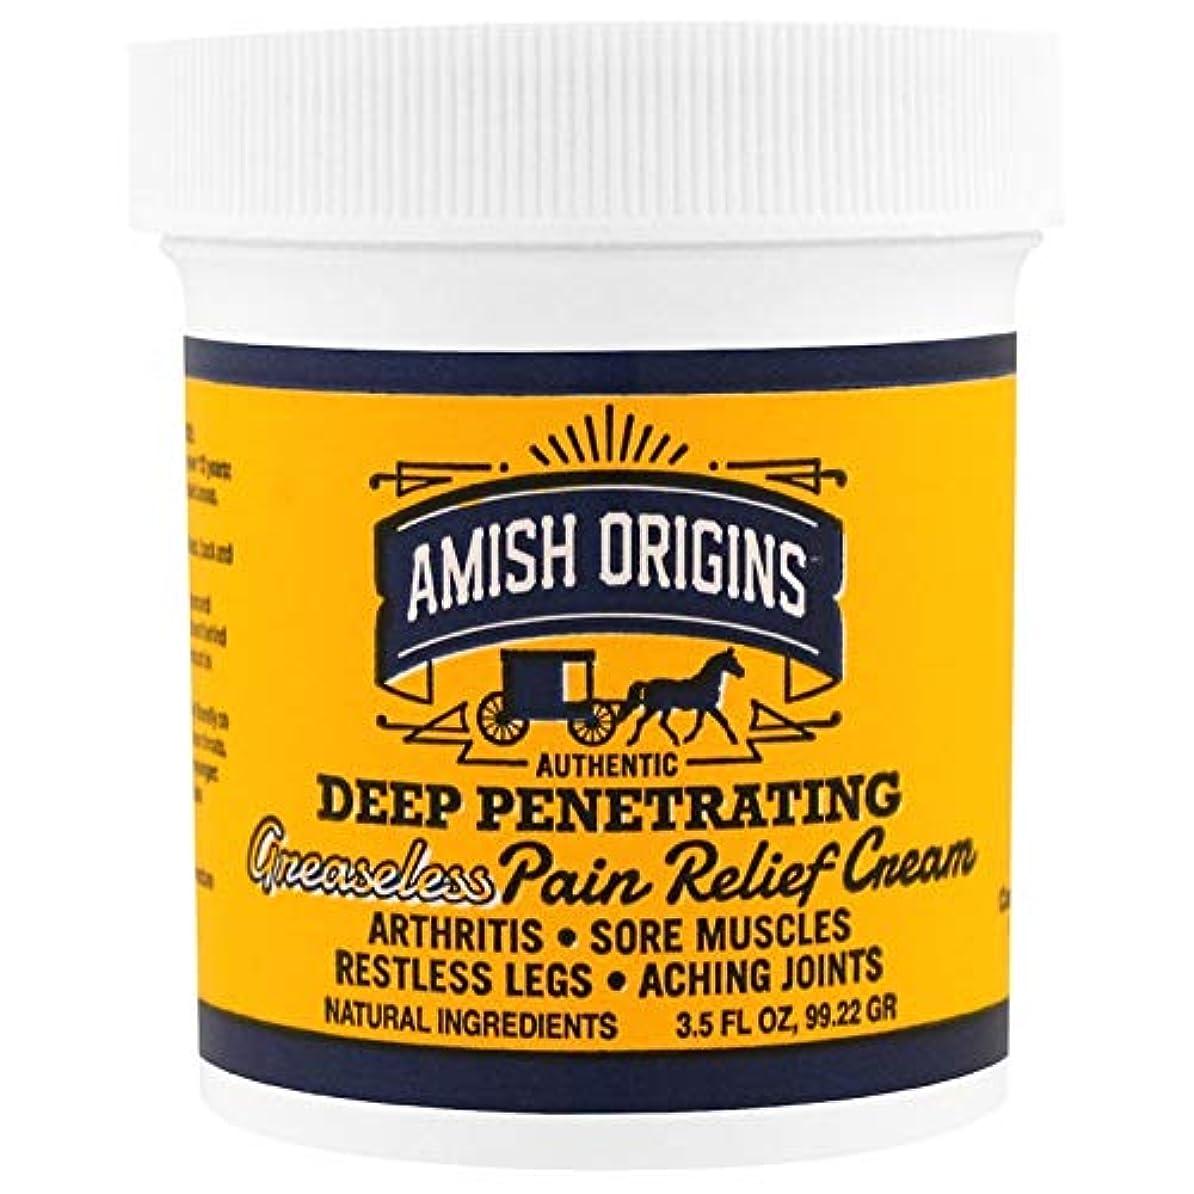 解き明かすやろう方法海外直送品Deep Penetrating Pain Relief Cream, 3.5 OZ by Amish Origins